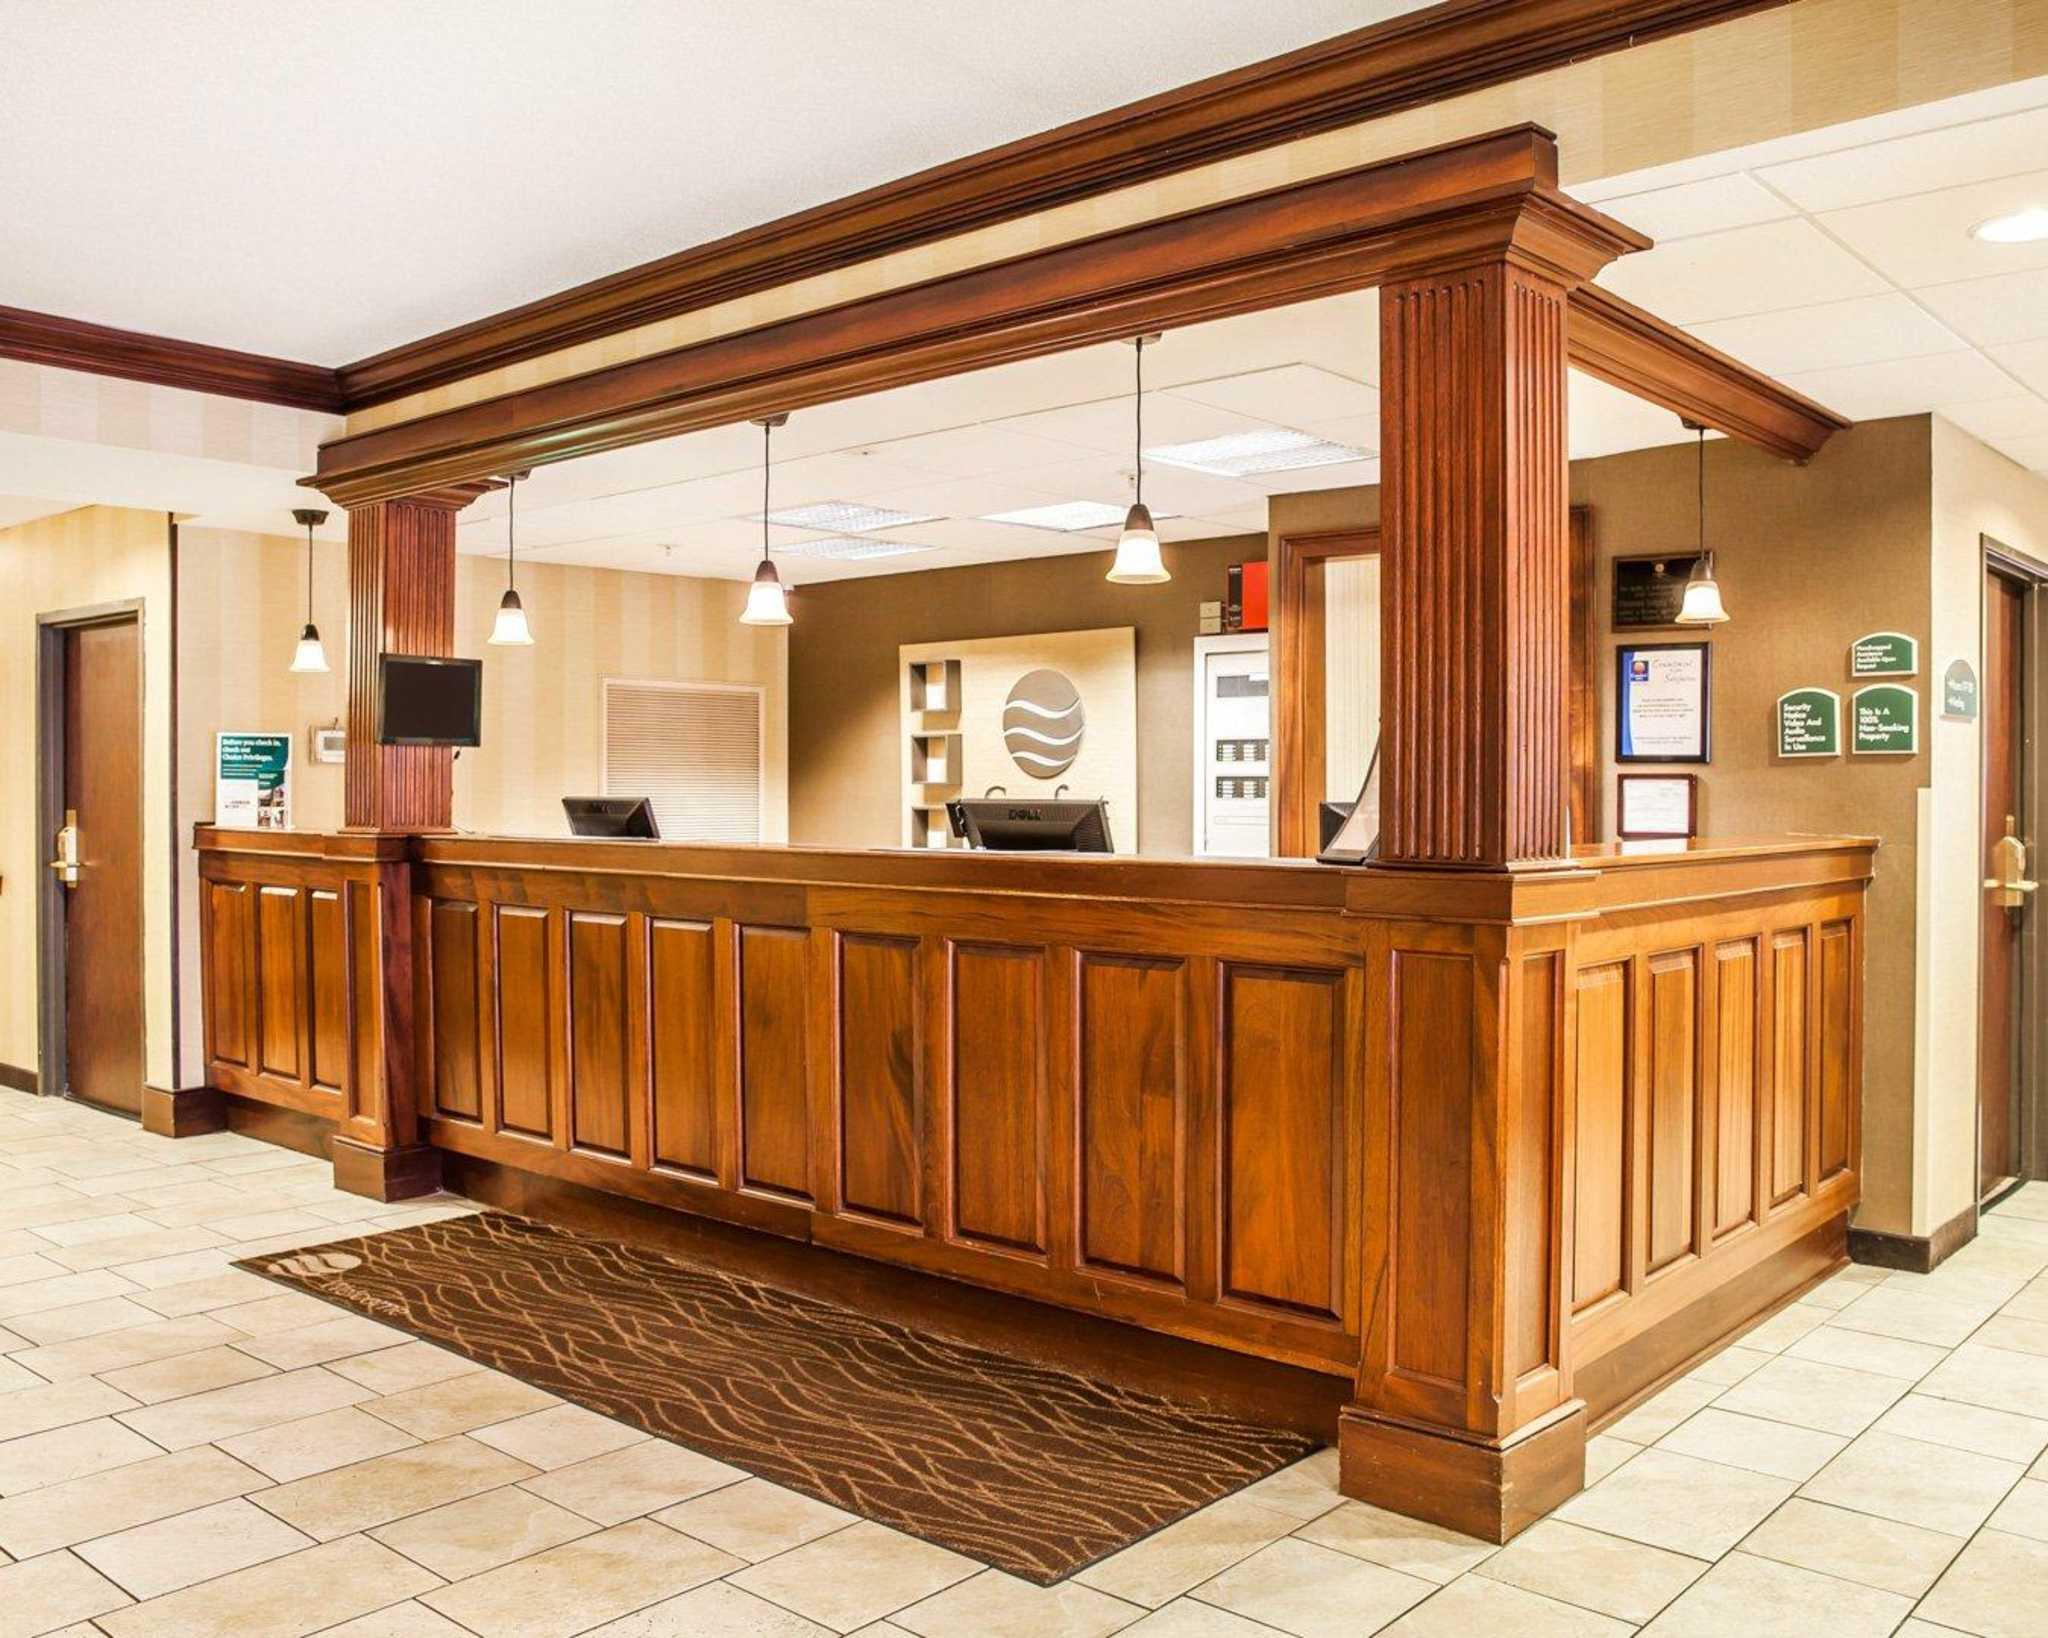 Comfort Inn & Suites Pottstown - Limerick image 6